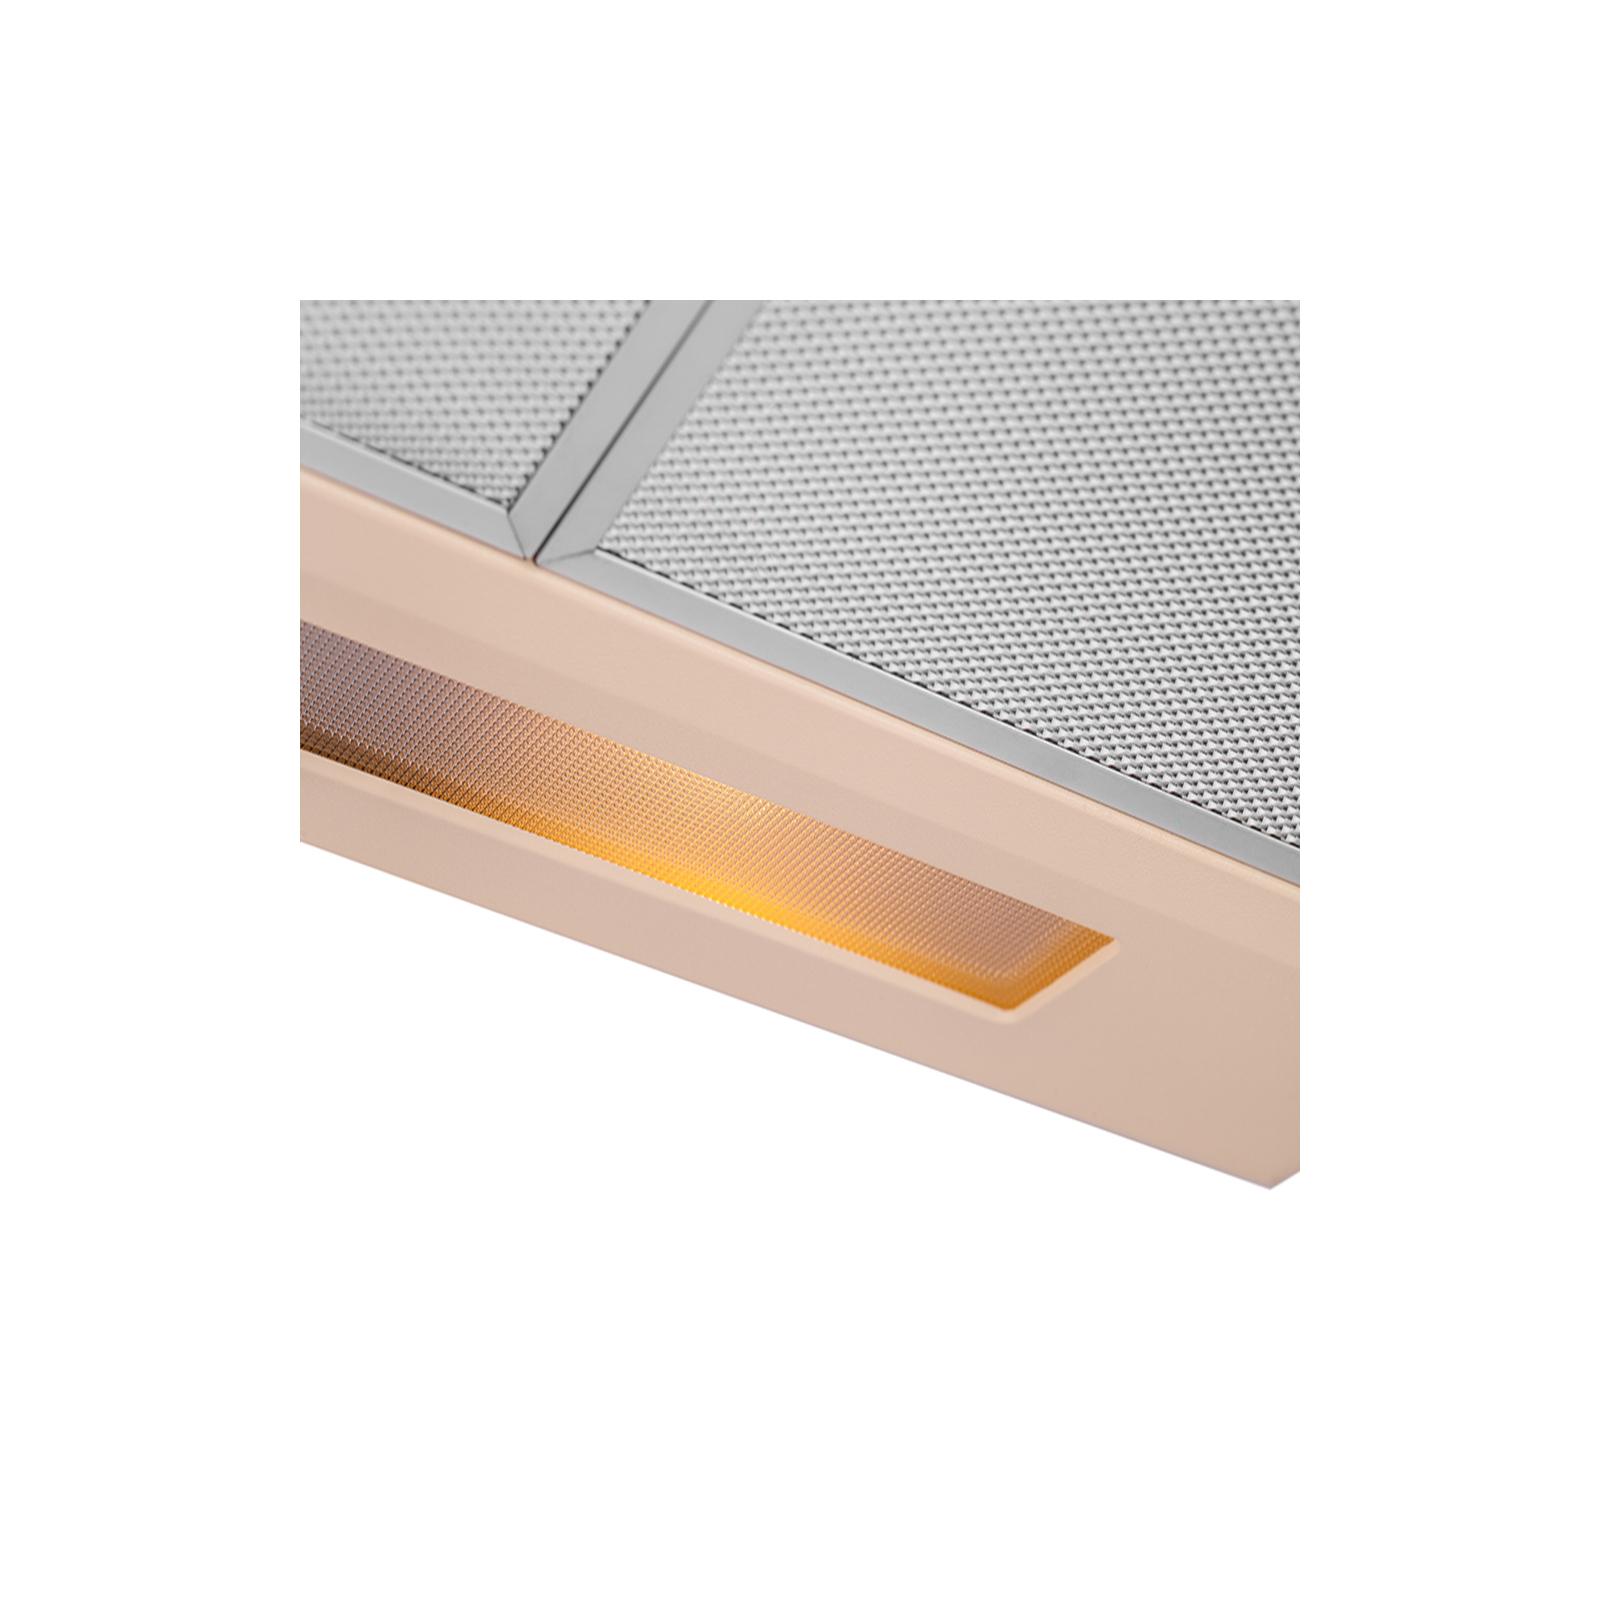 Вытяжка кухонная MINOLA HPL 611 IV изображение 4